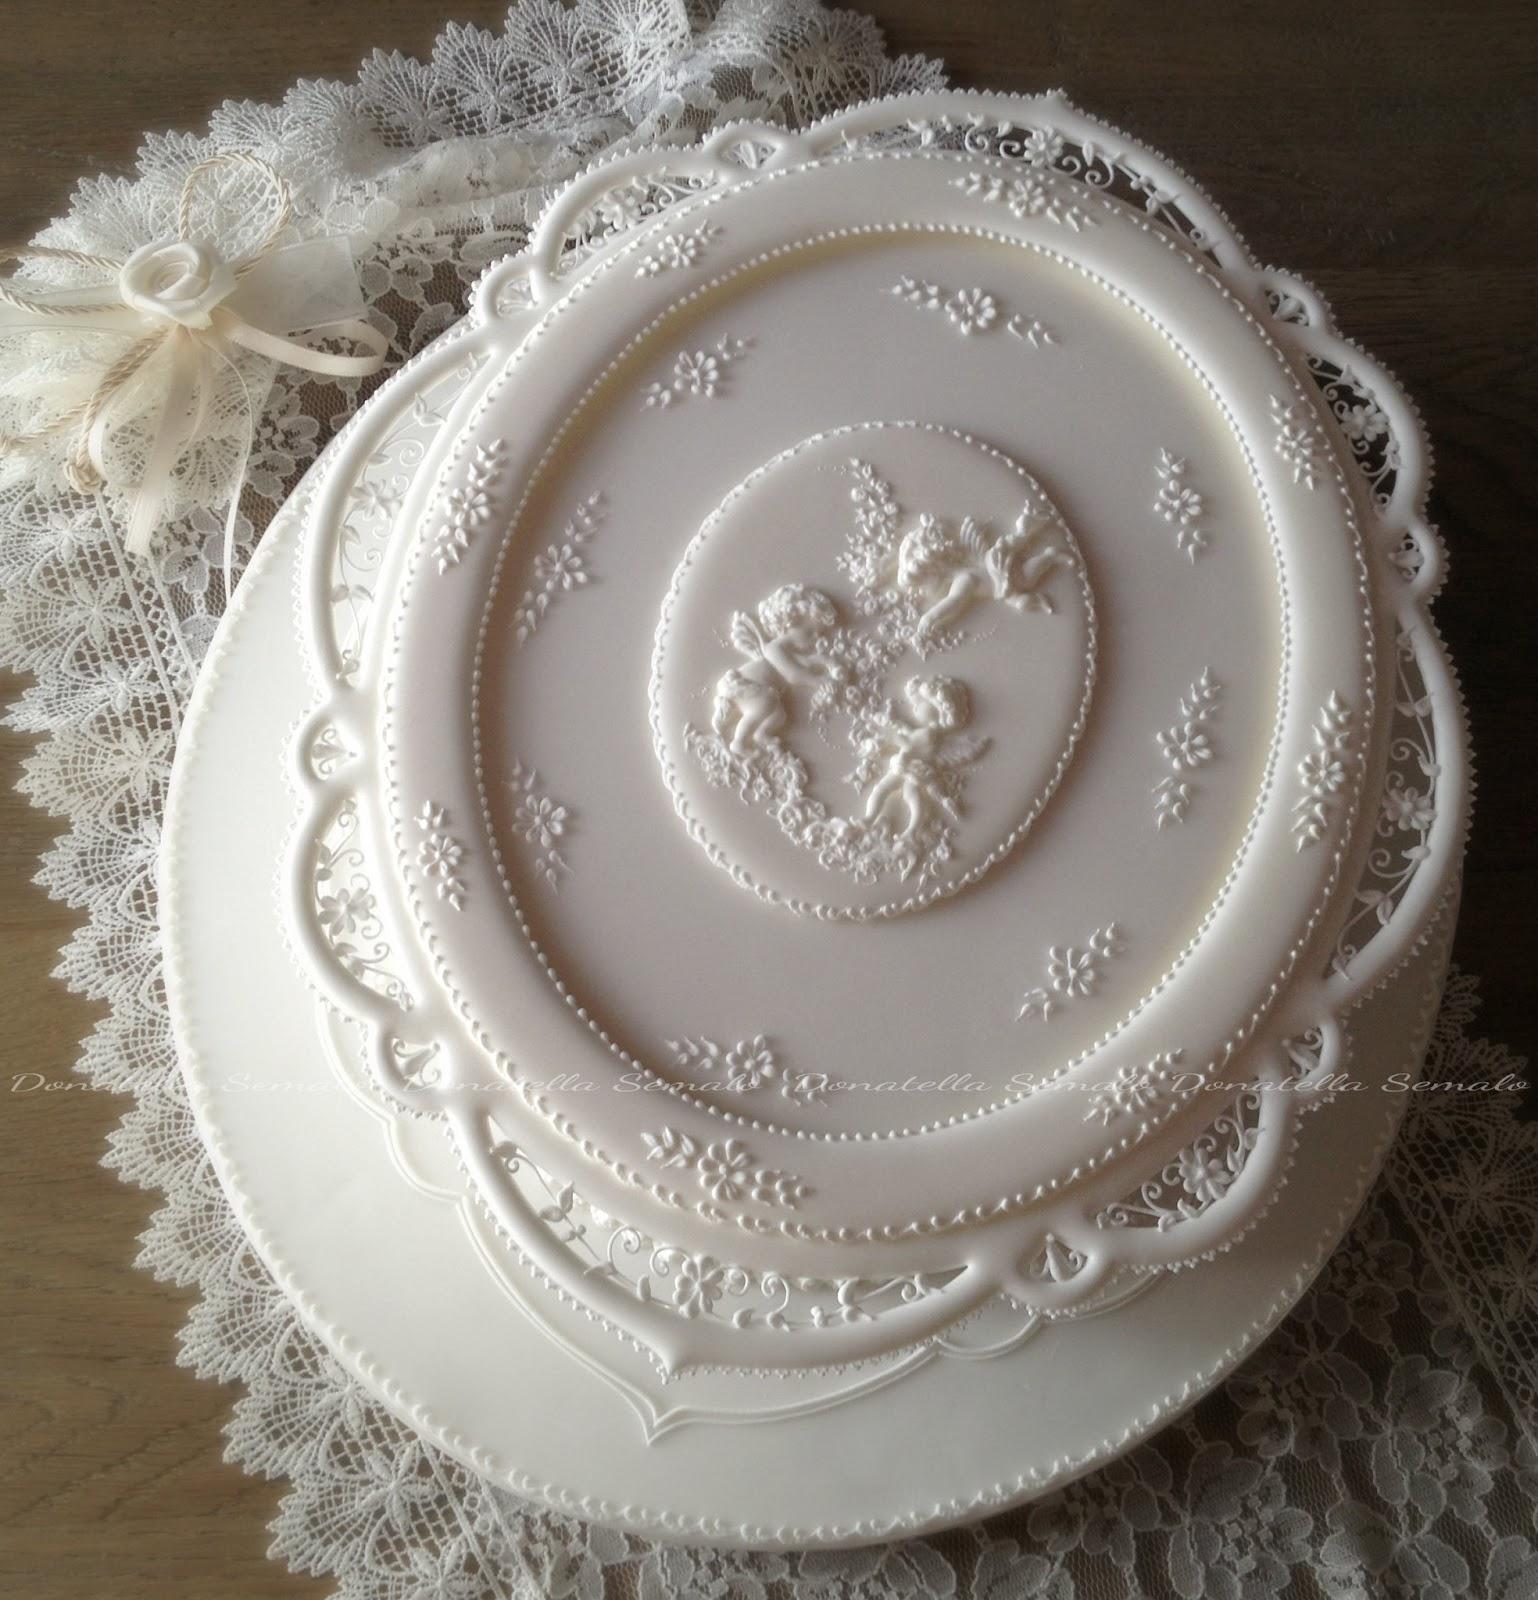 Favorito Donatella Semalo: La torta per la Cresima di Lorenzo :) NQ65